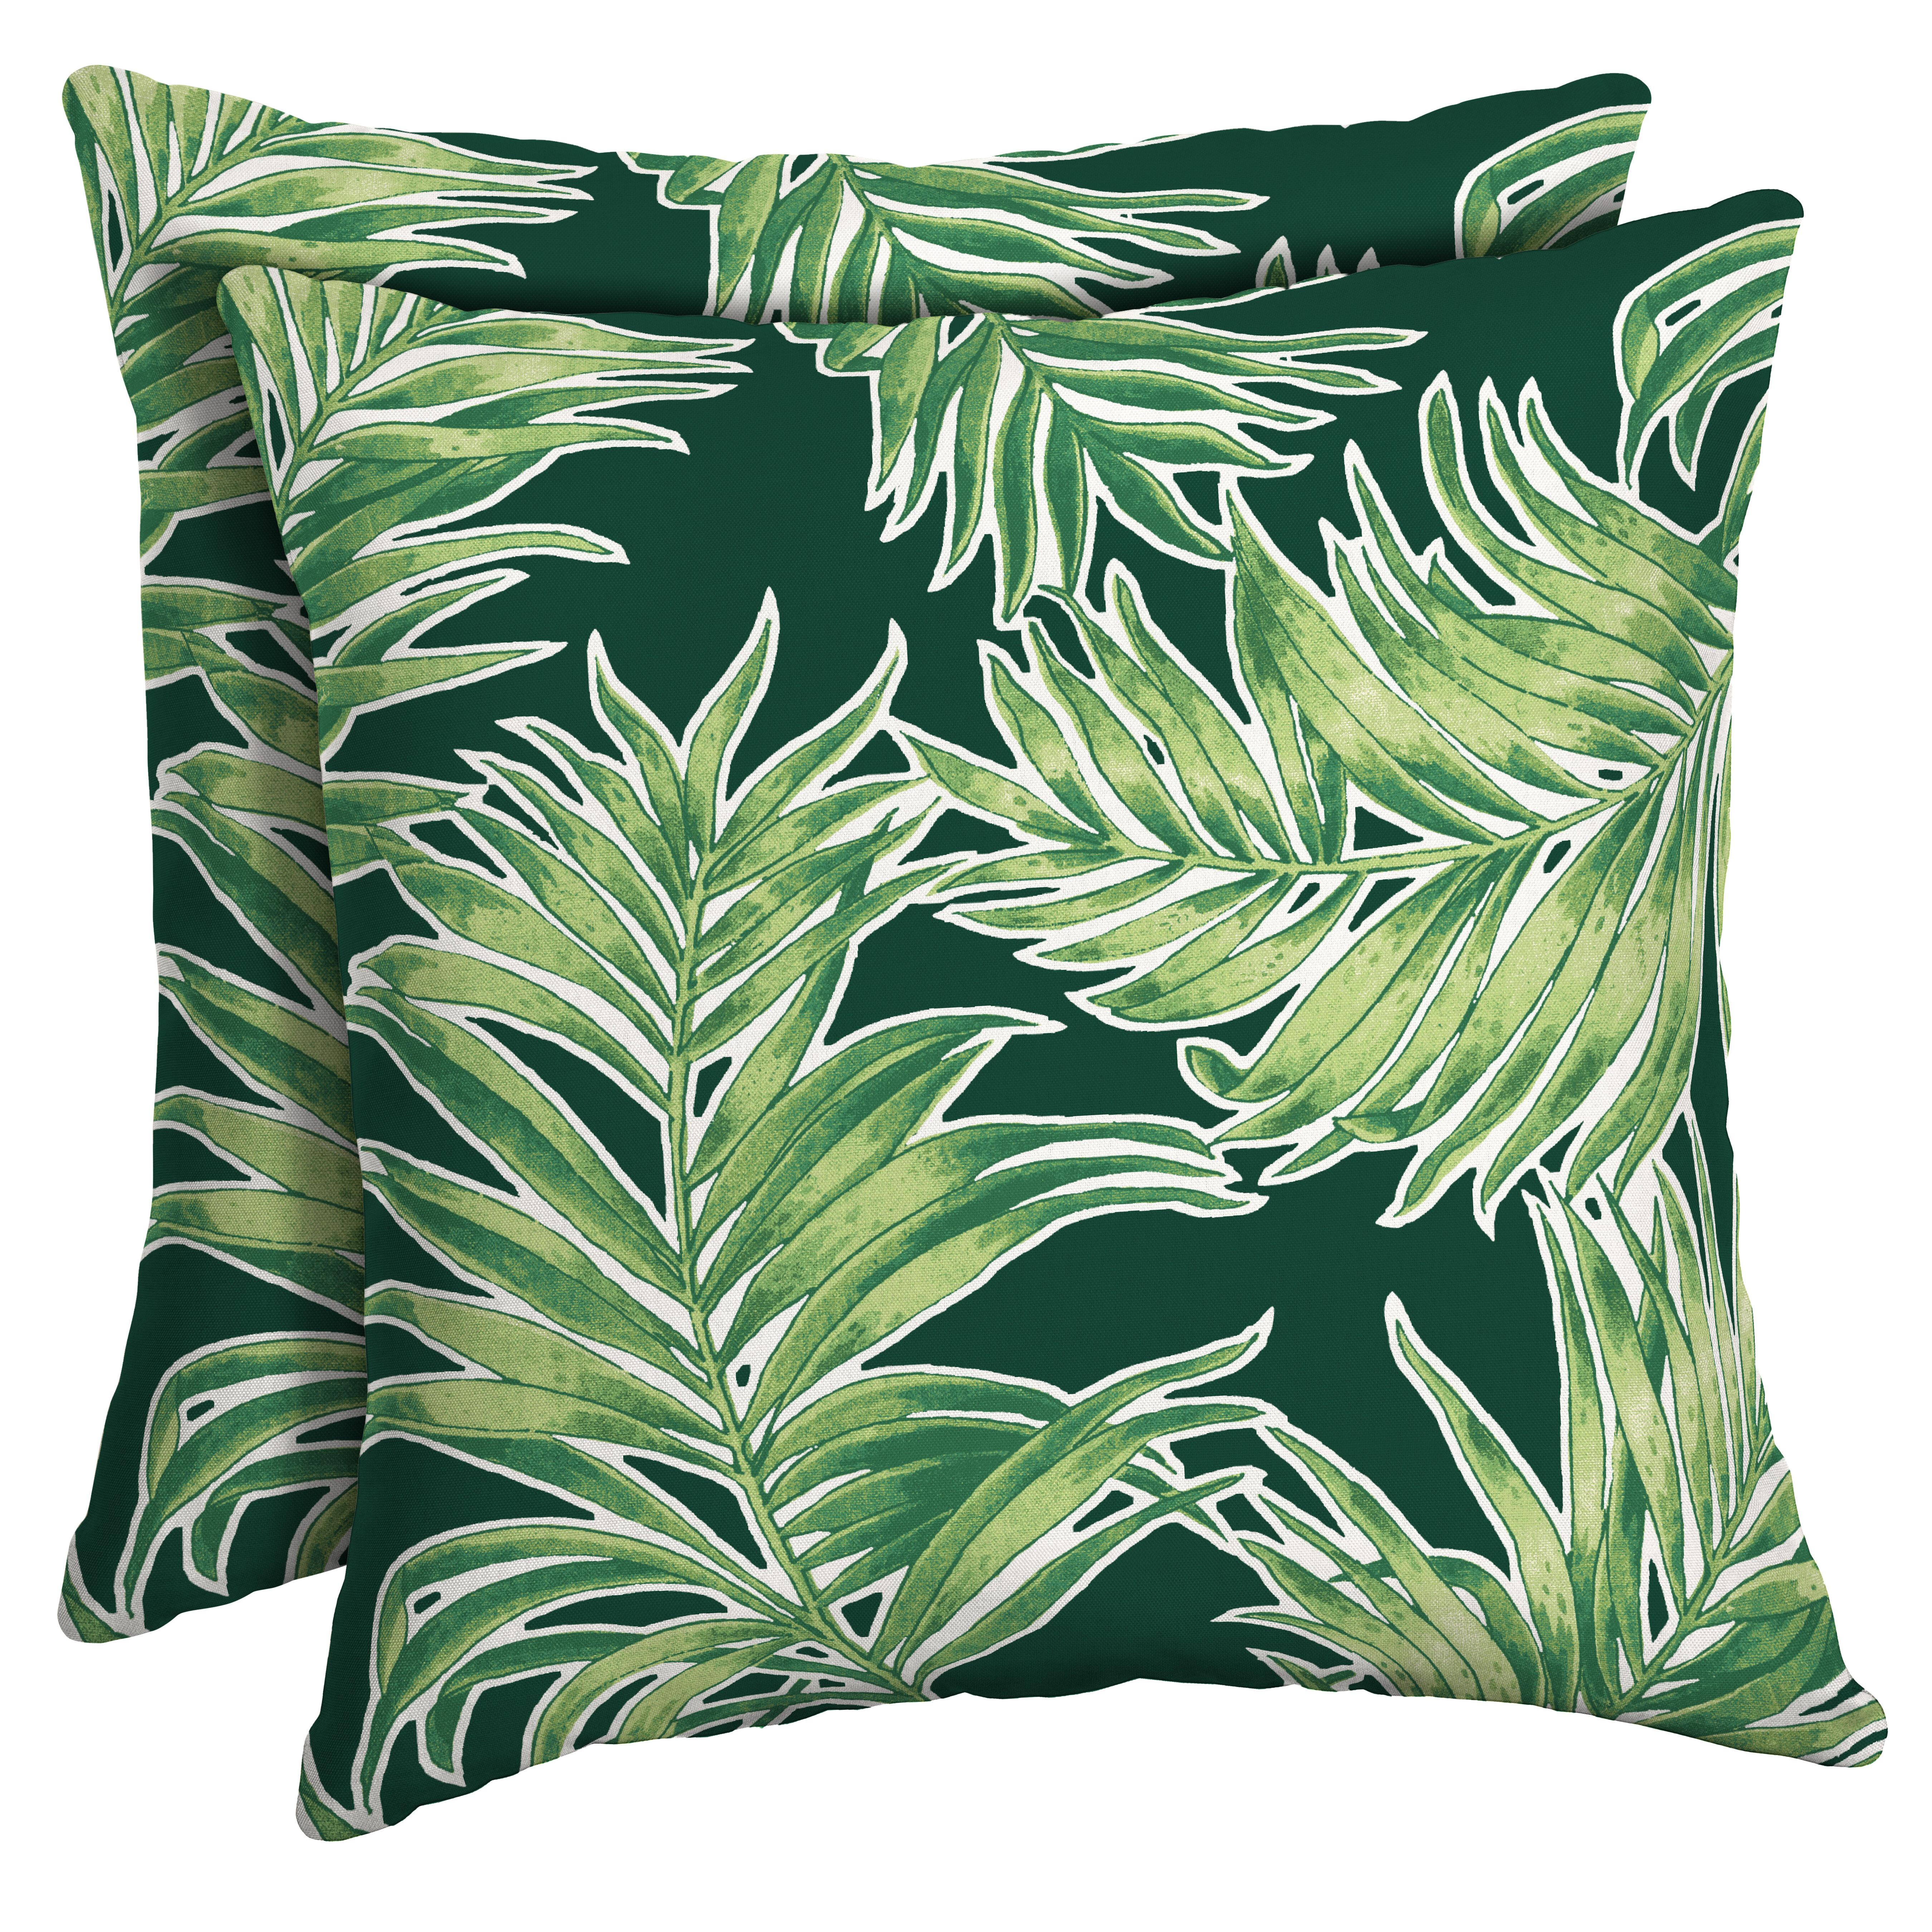 Kittleson Tropical Outdoor Throw Pillow Reviews Joss Main